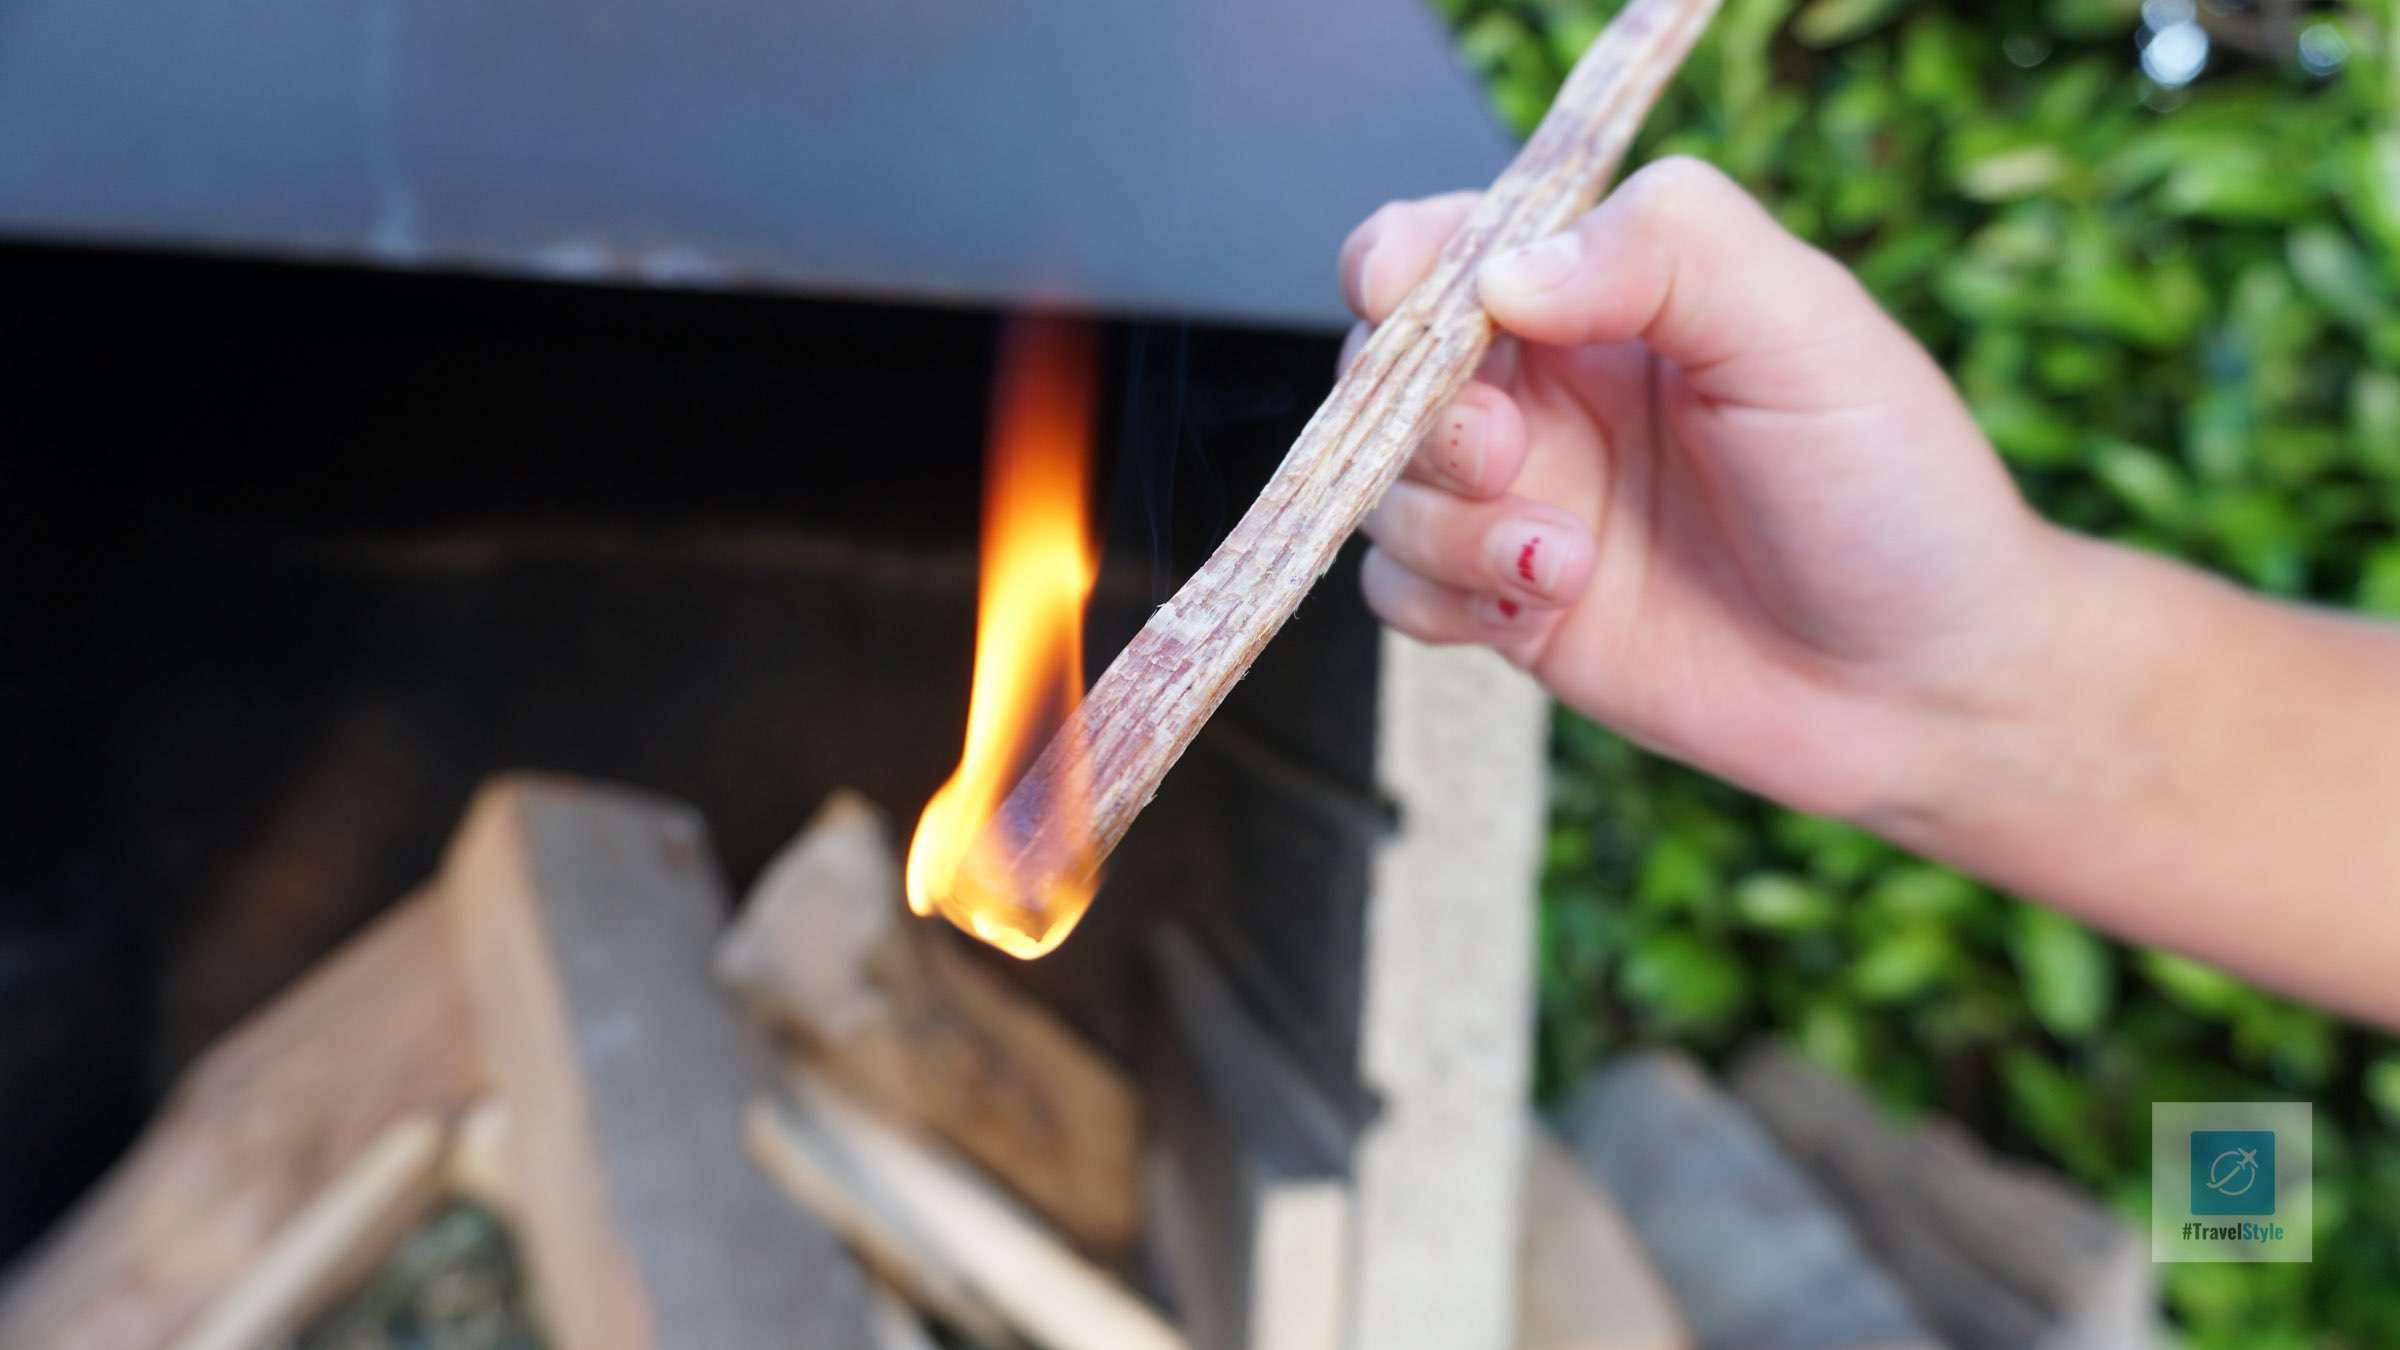 Schnell brennt es